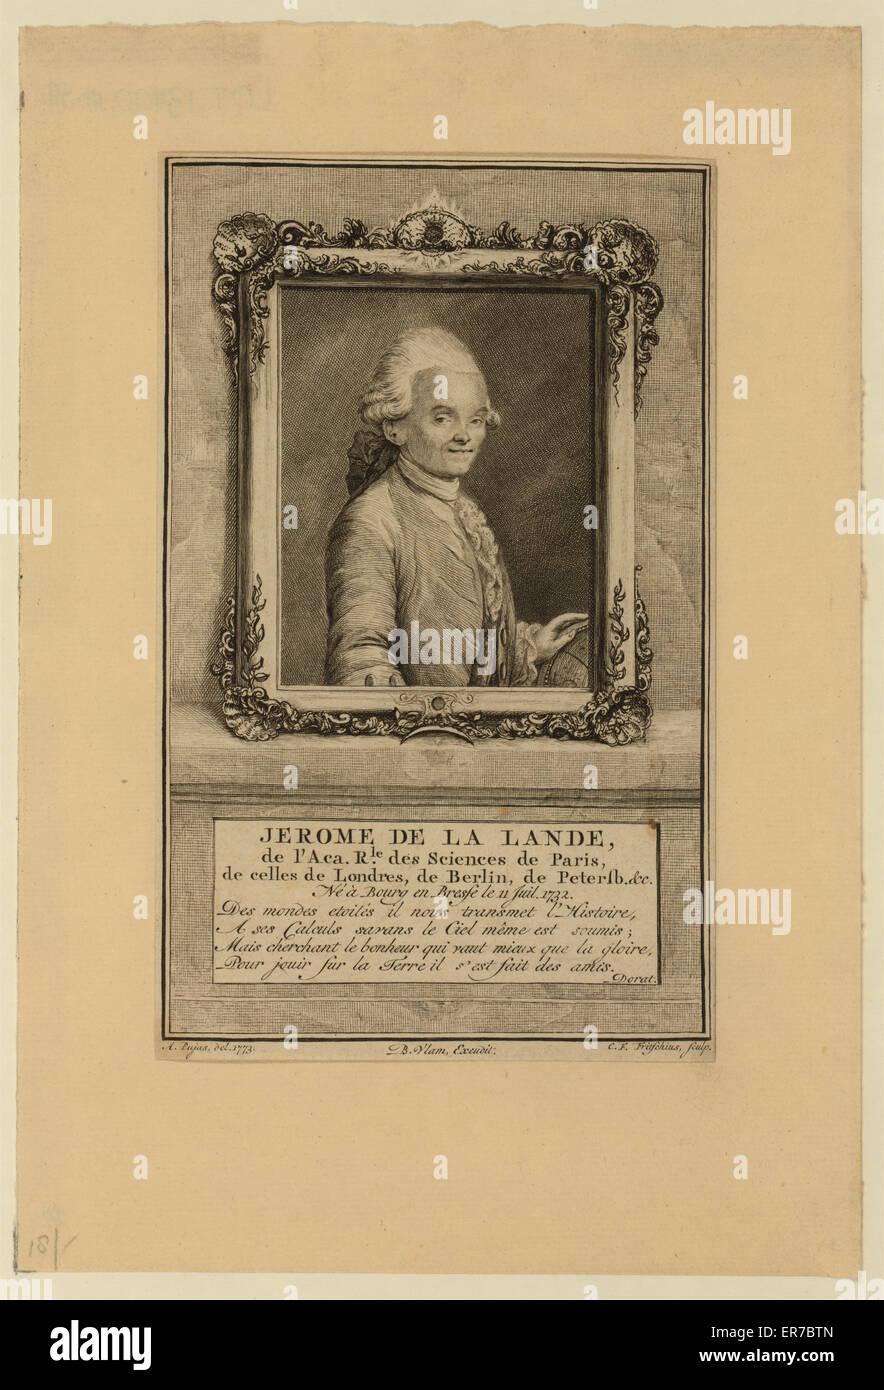 Jerome de La Lande, de l'Aca. rle. des sciences de Paris, de celles de Londres, de Berlin, de Petersb., &c. - Stock Image